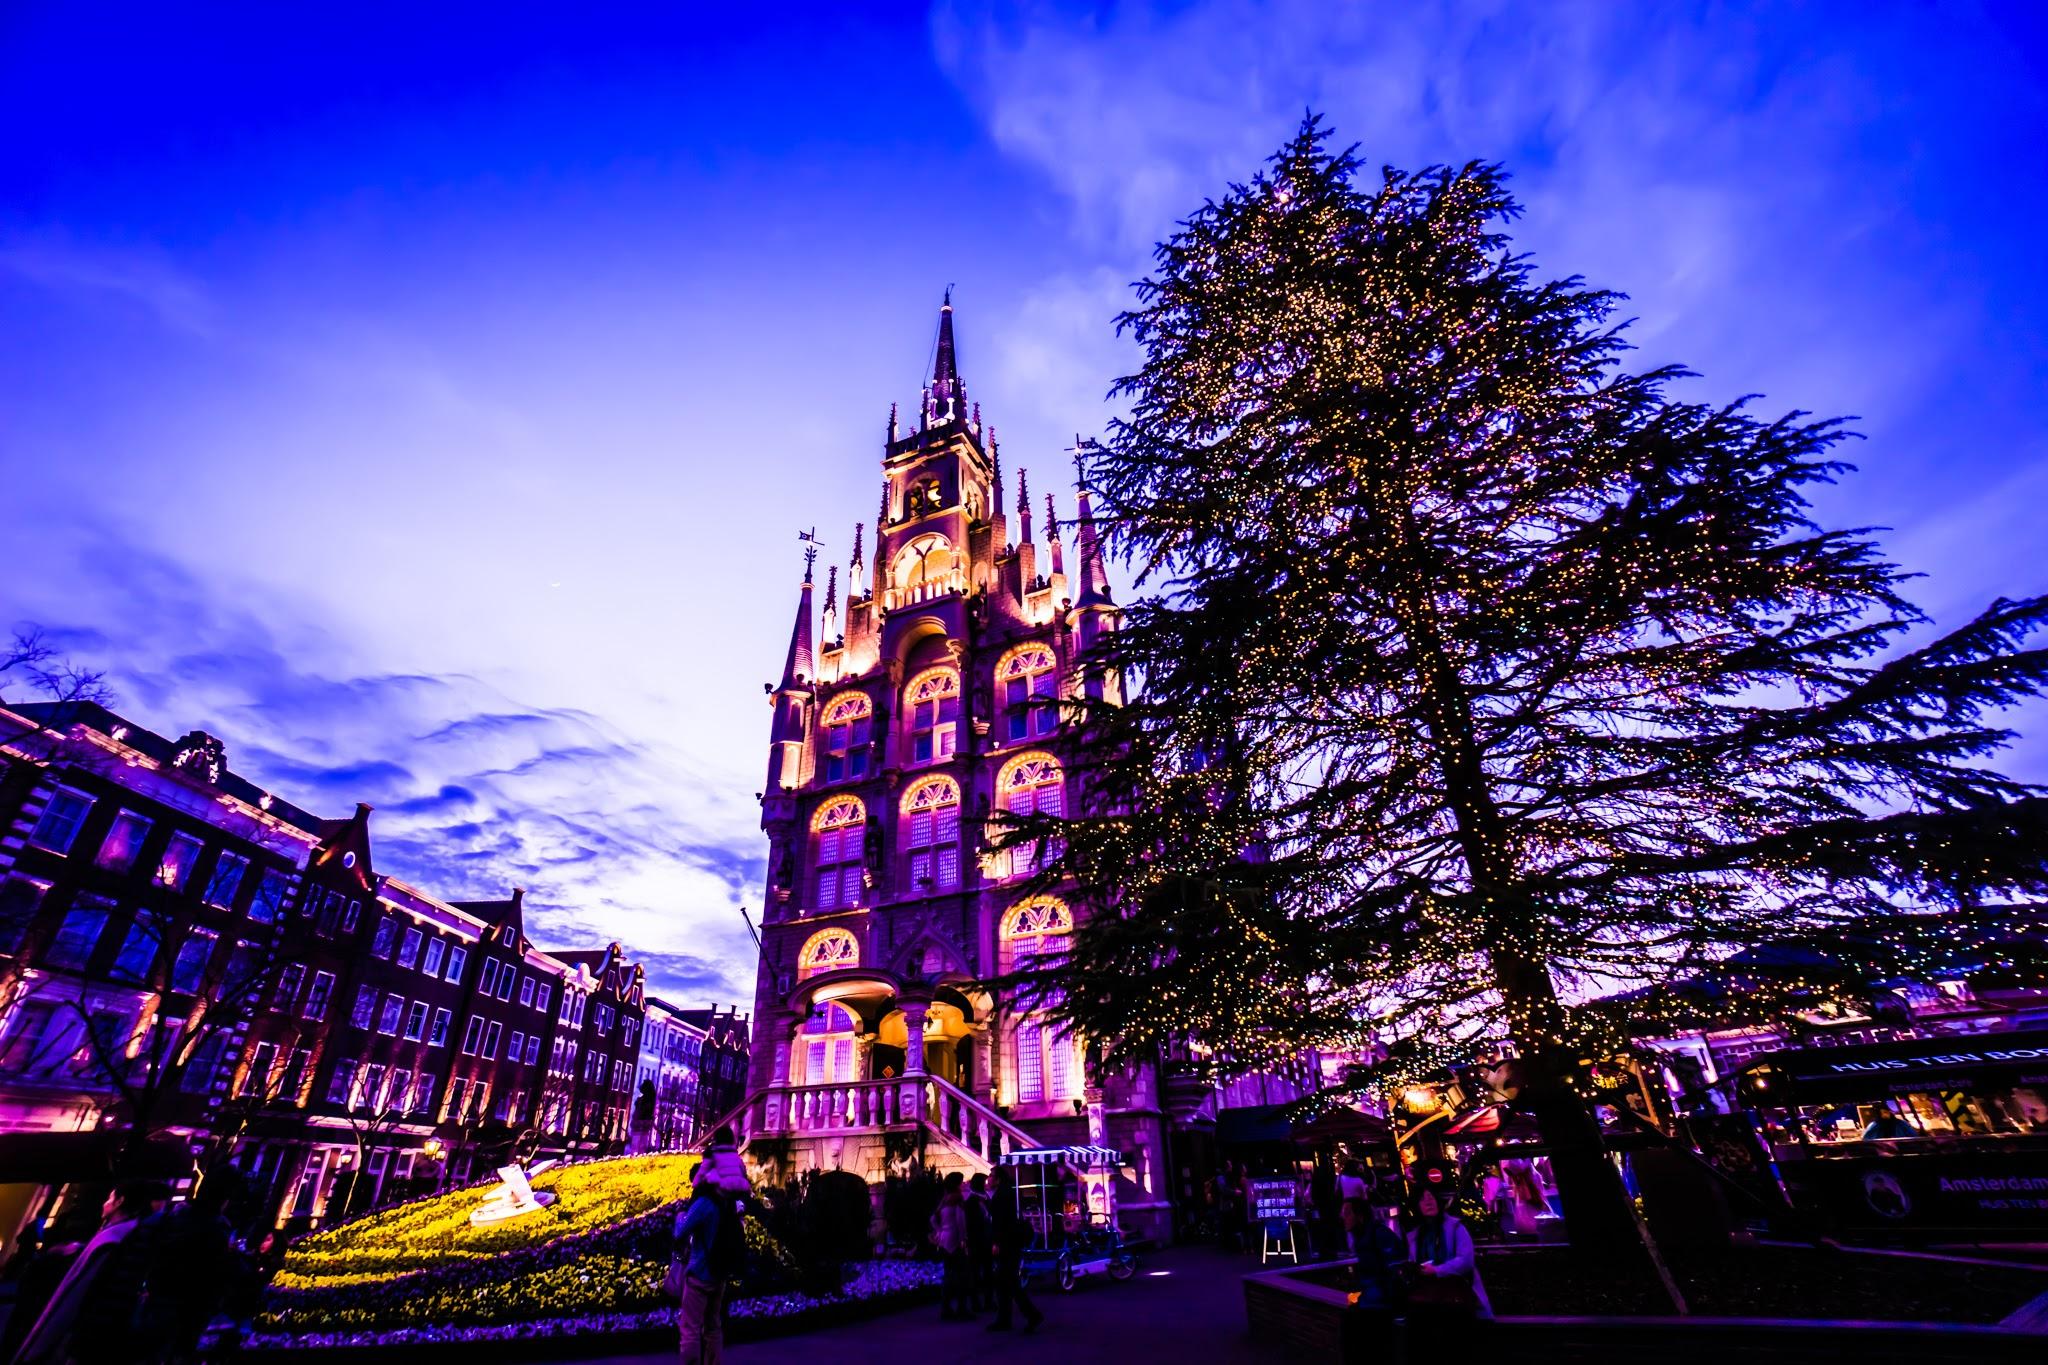 ハウステンボス イルミネーション 光の王国 アムステルダムシティ1